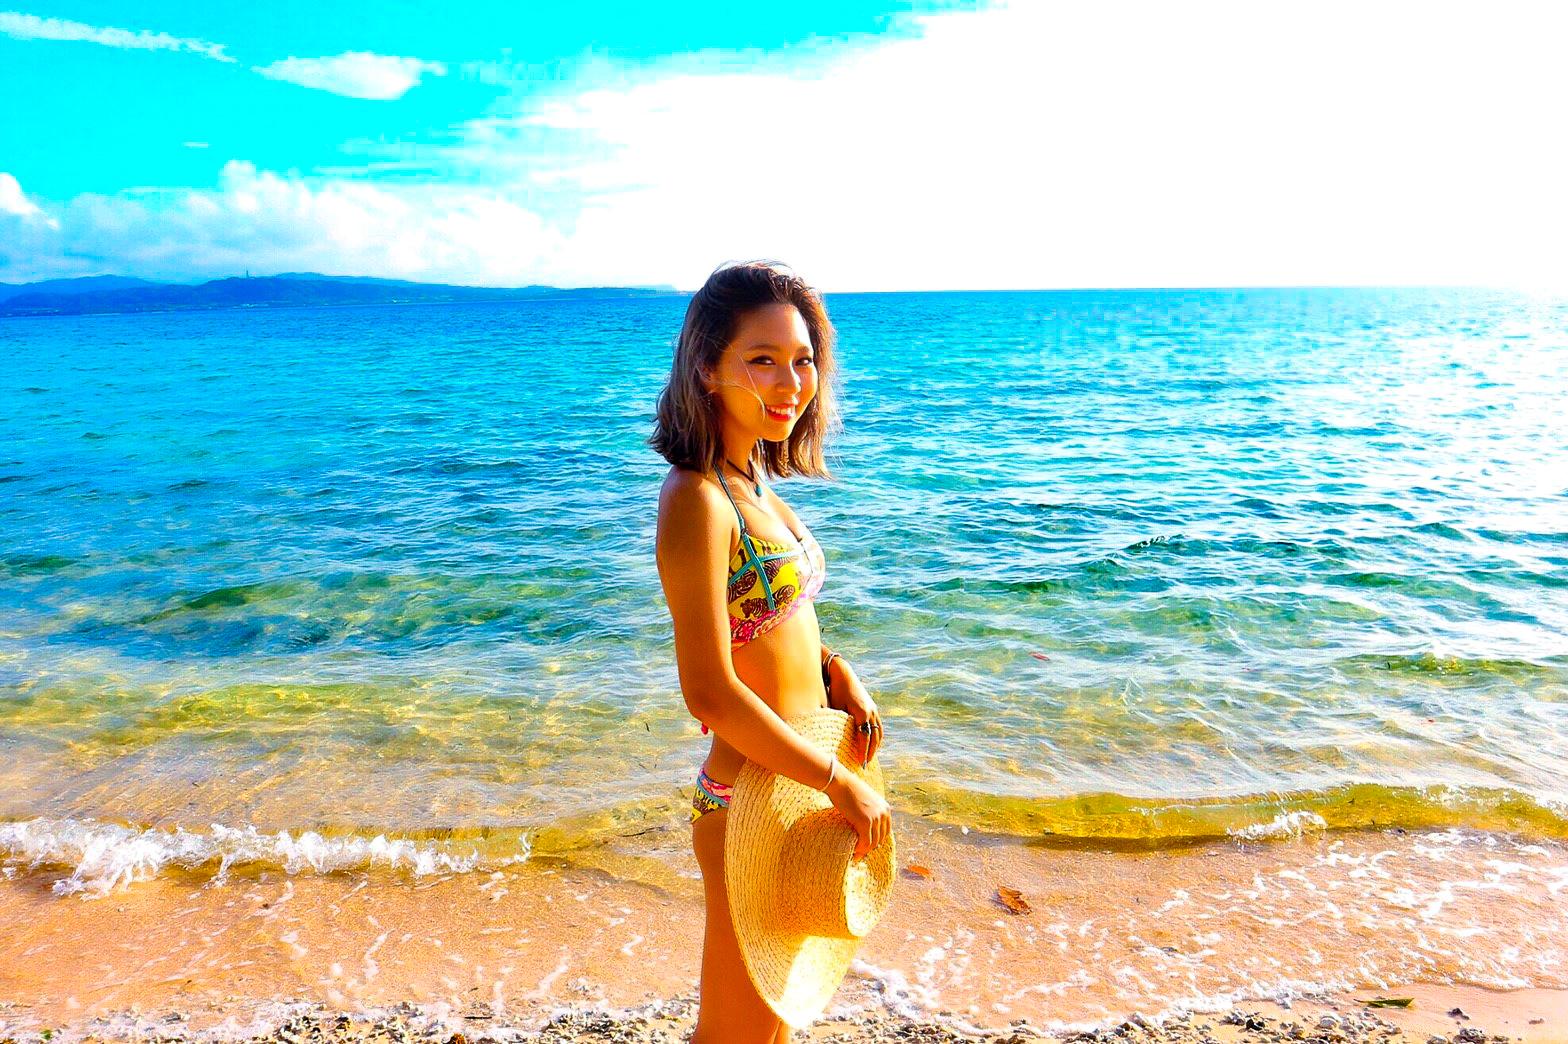 石垣島のビーチに佇む美女